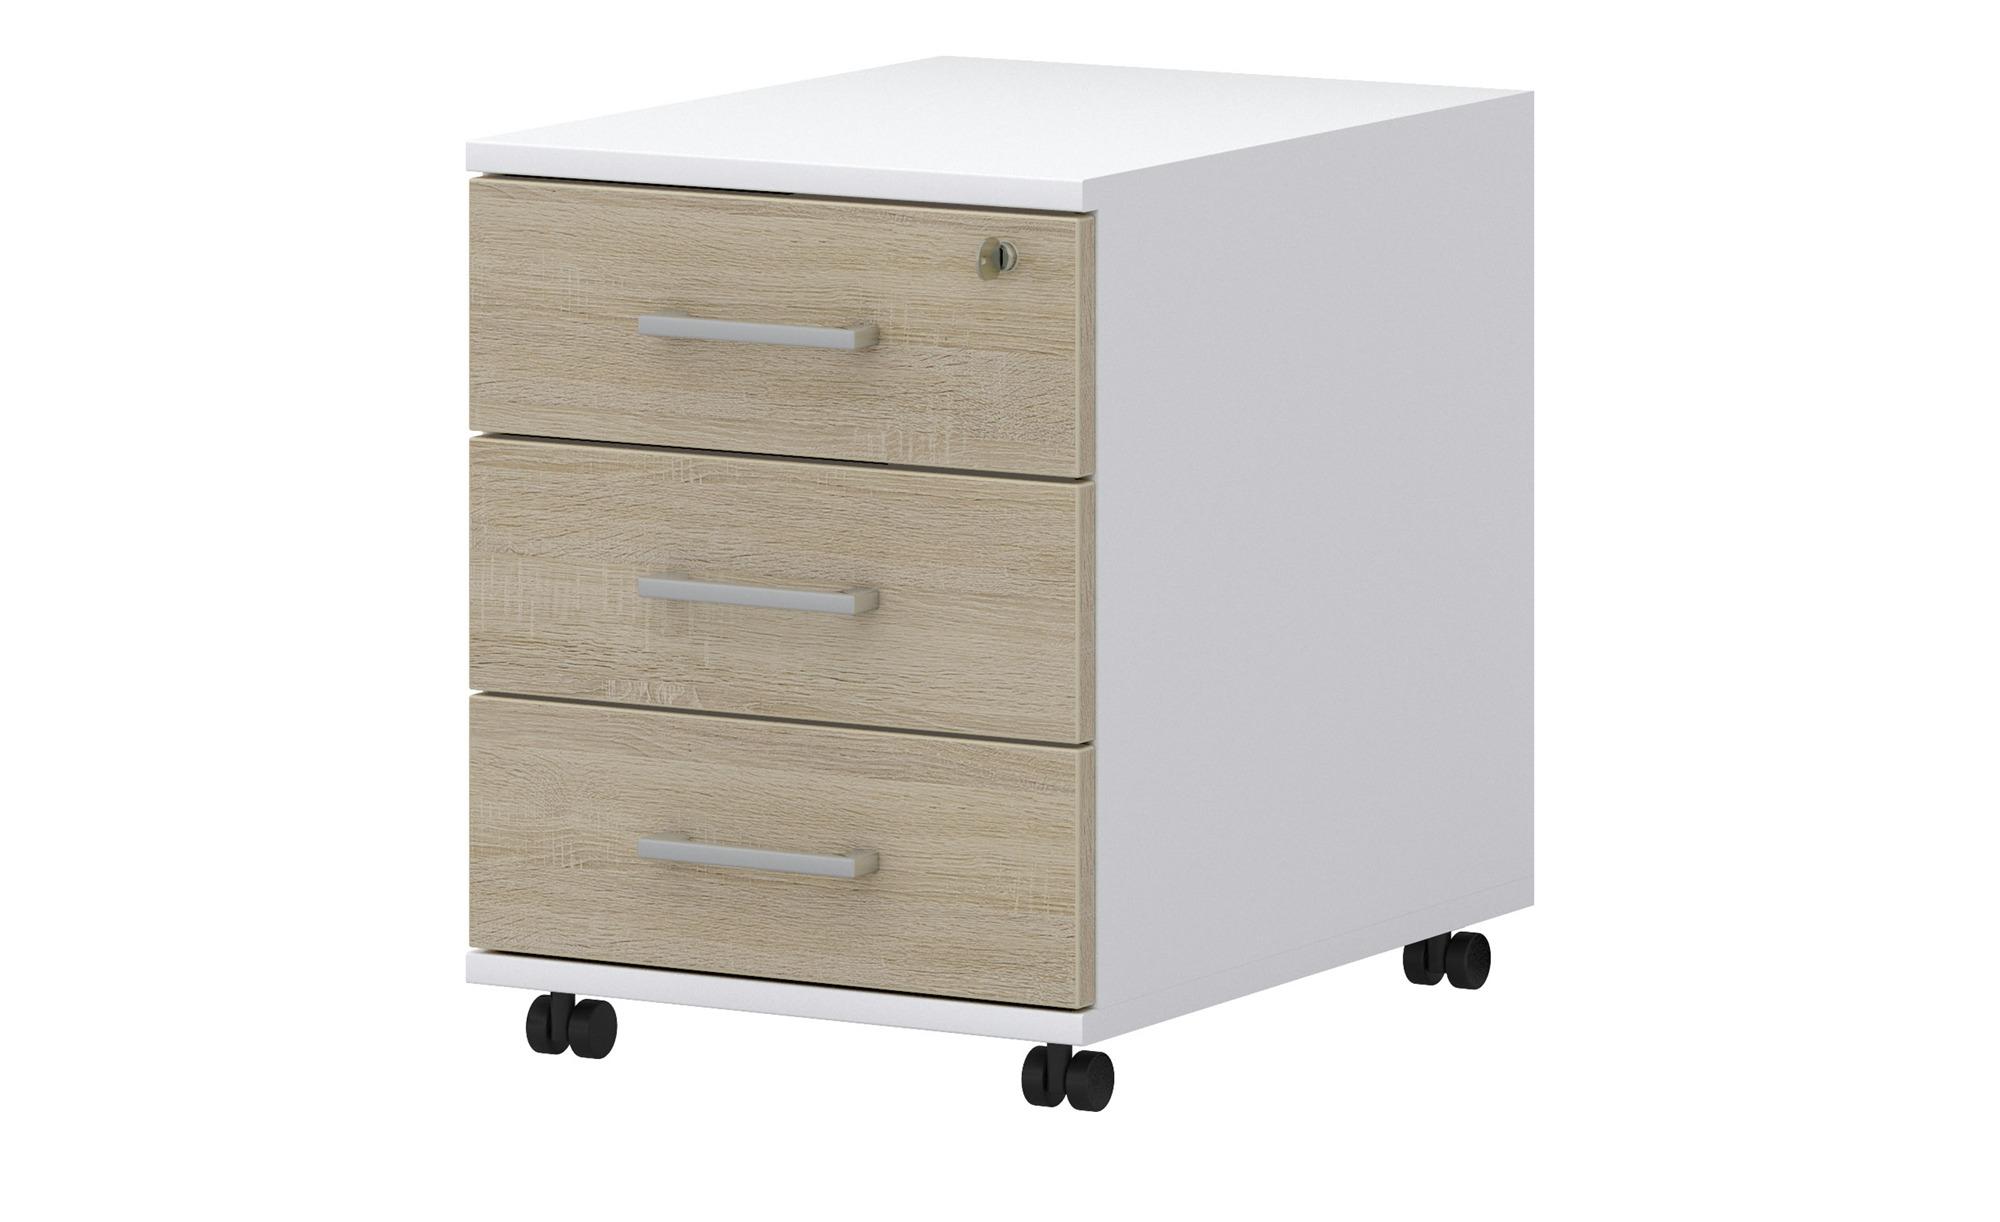 Rollcontainer  Donez ¦ weiß ¦ Maße (cm): B: 42|5 H: 55 T: 50 Schränke > Rollcontainer - Höffner | Büro > Büroschränke | Möbel Höffner DE